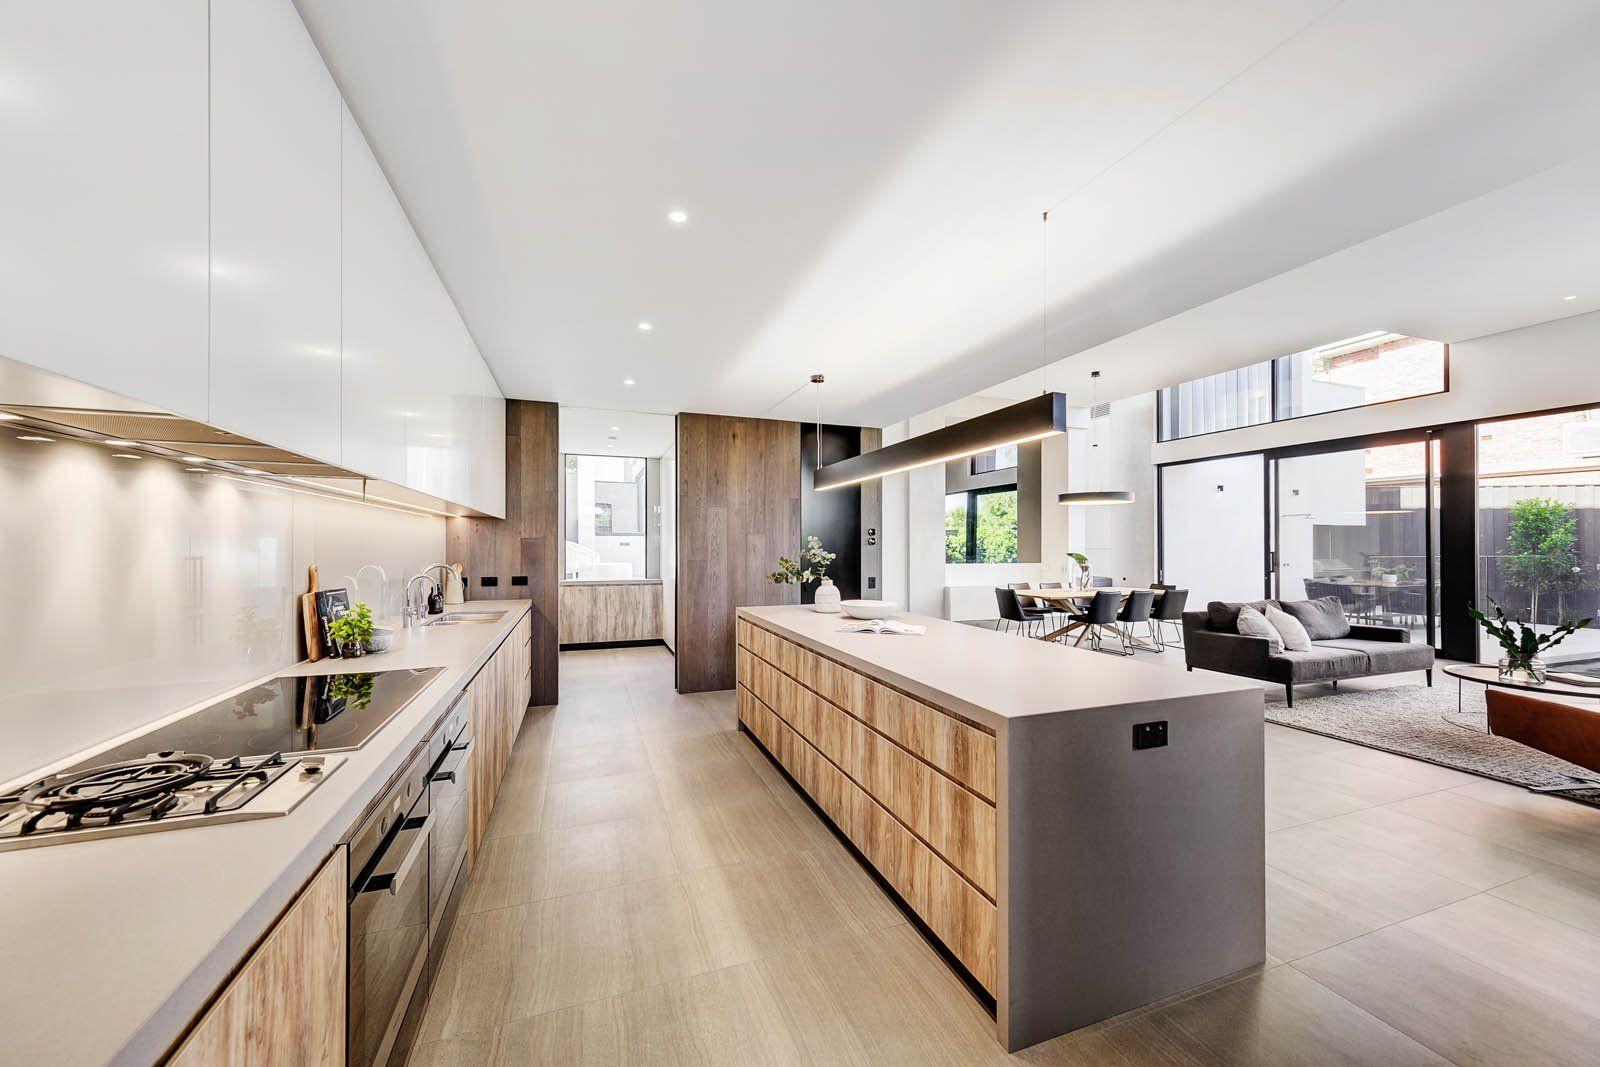 Espacio abierto de cocina y comedor de estilo contemporáneo mid century moderno